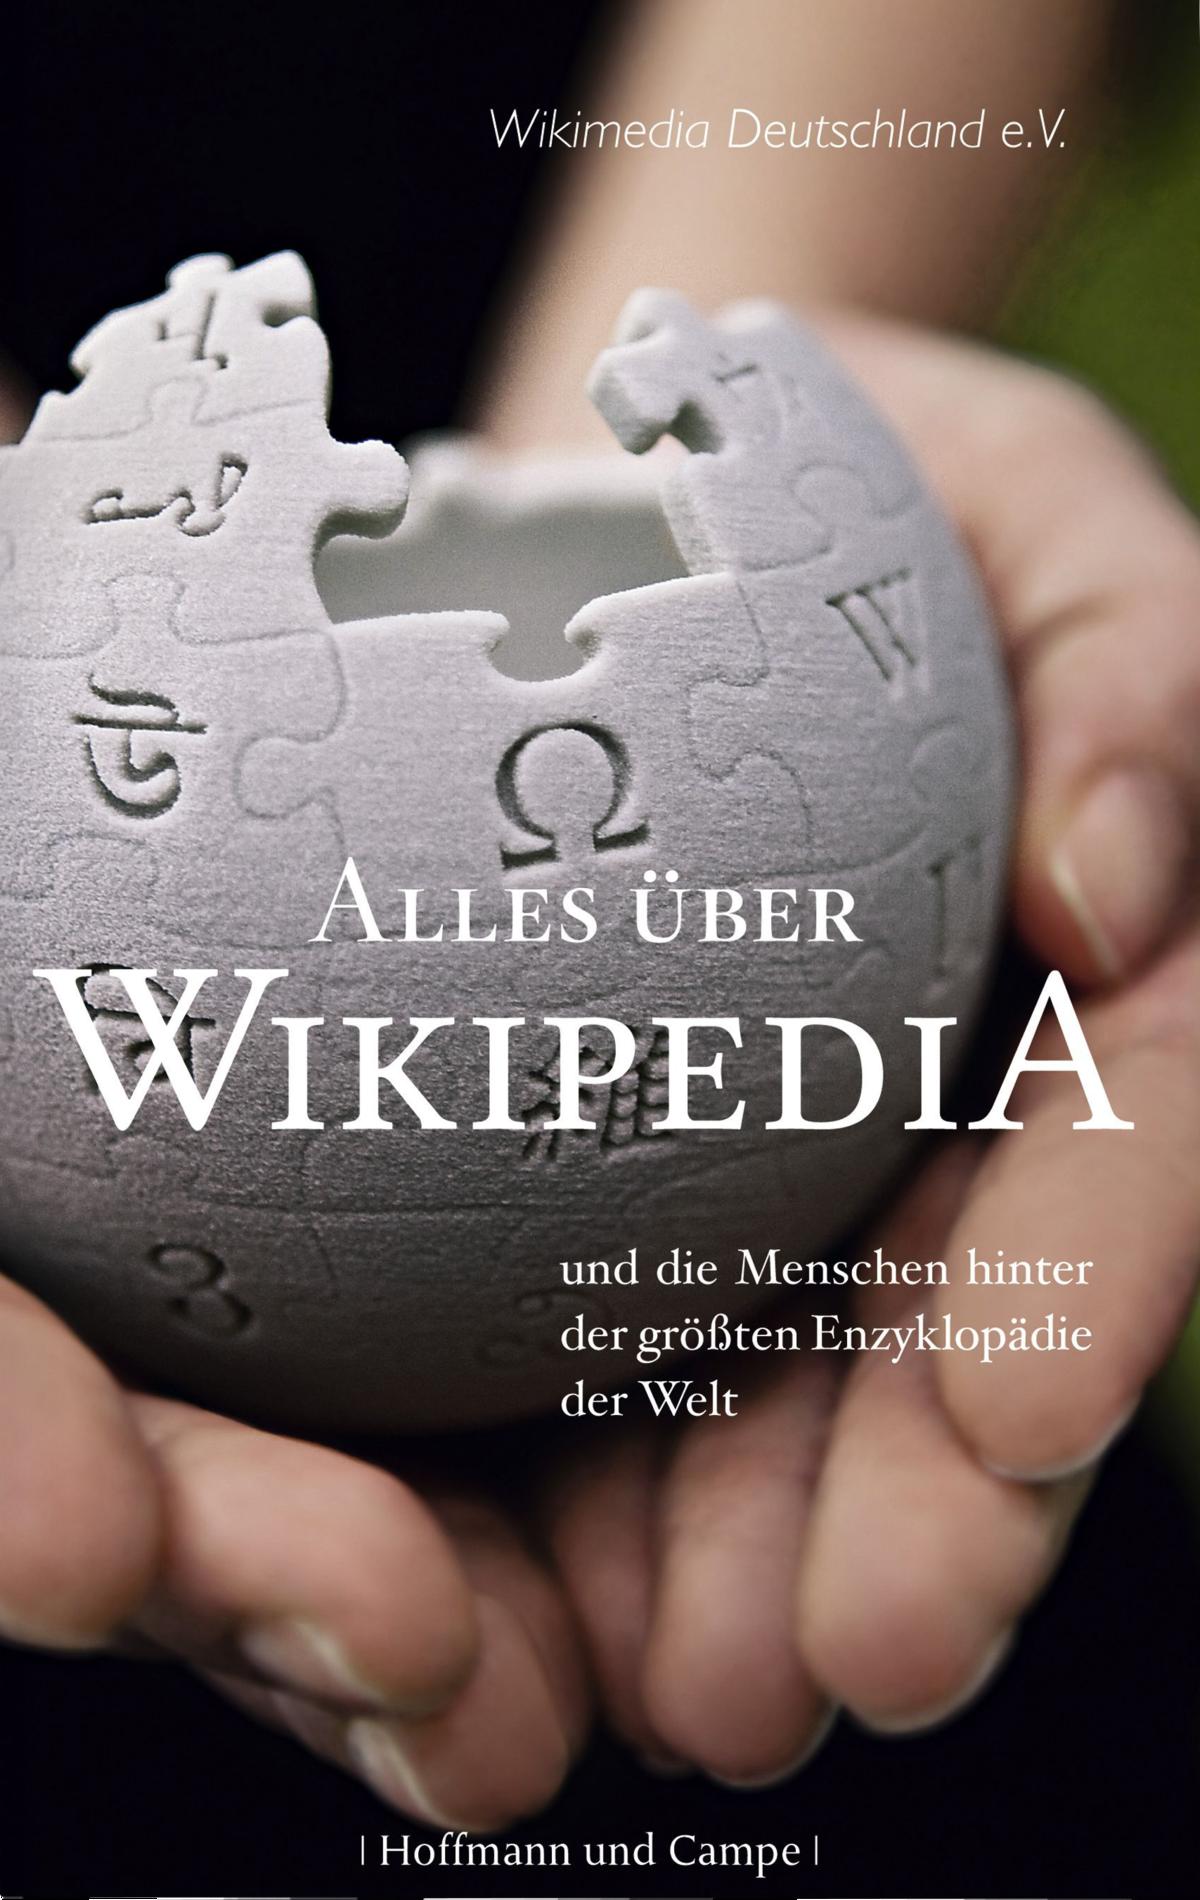 alles ber wikipedia und die menschen hinter der gr ten enzyklop die der welt wikipedia. Black Bedroom Furniture Sets. Home Design Ideas